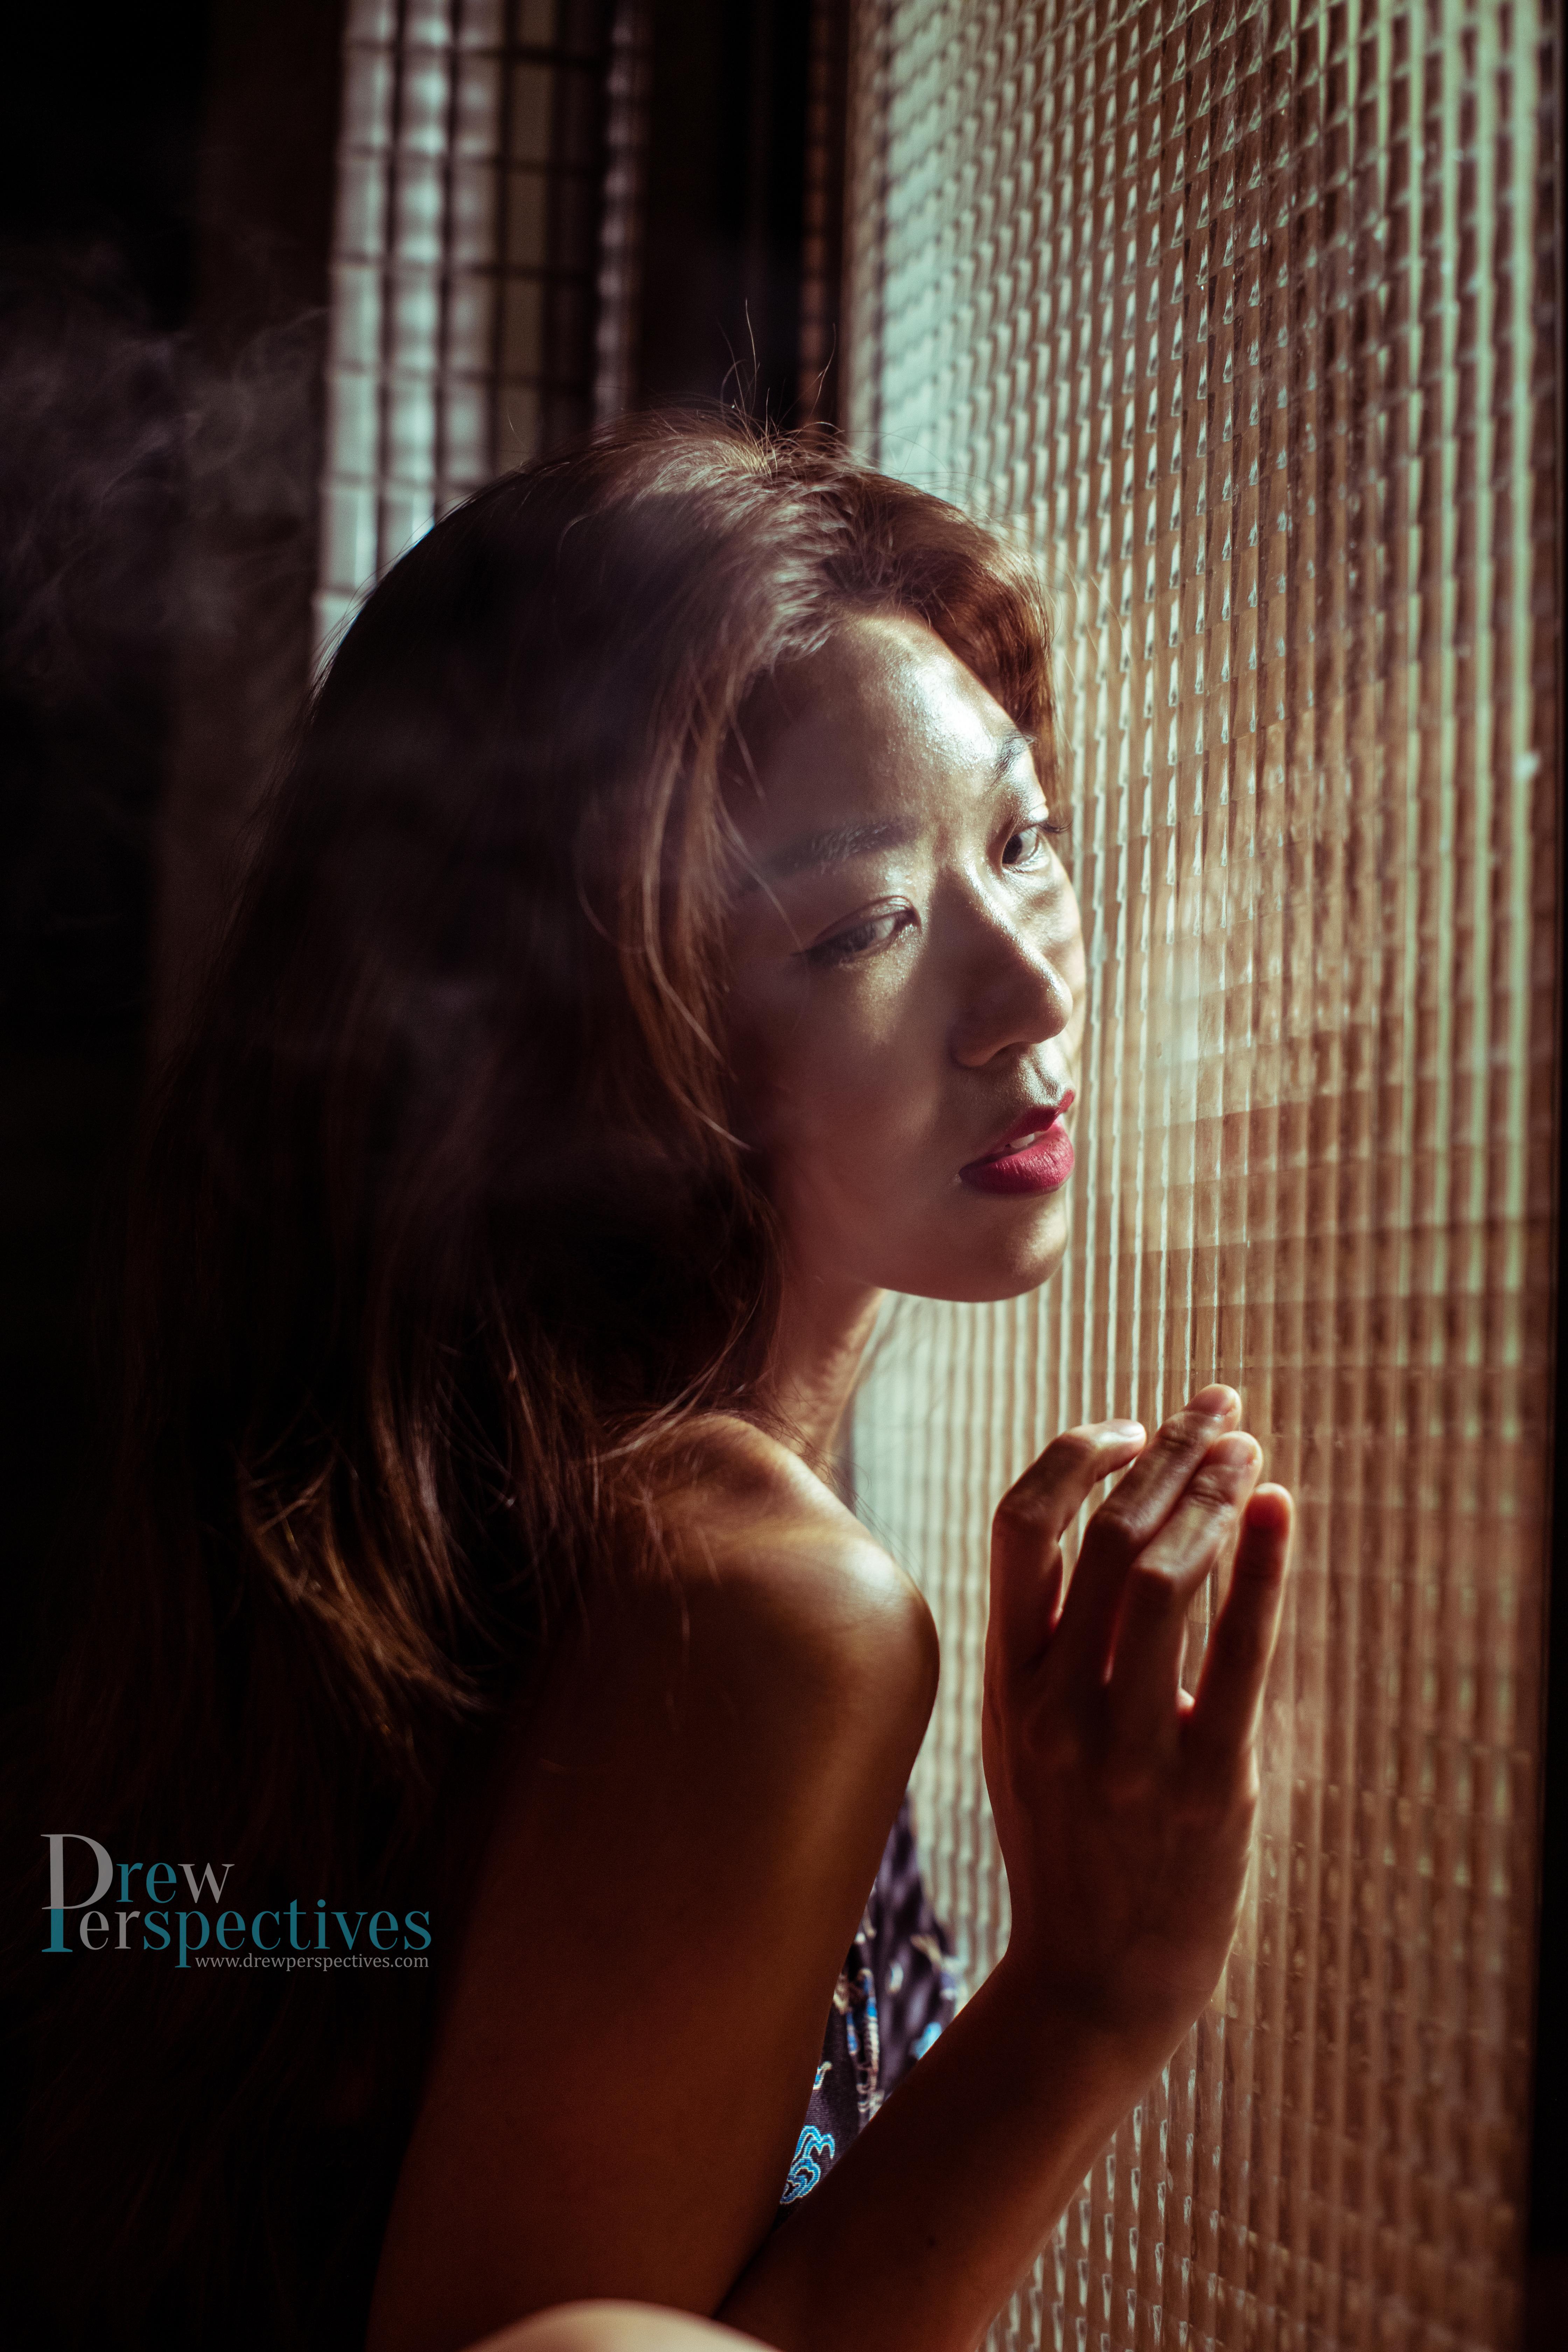 Portrait Photography Singapore